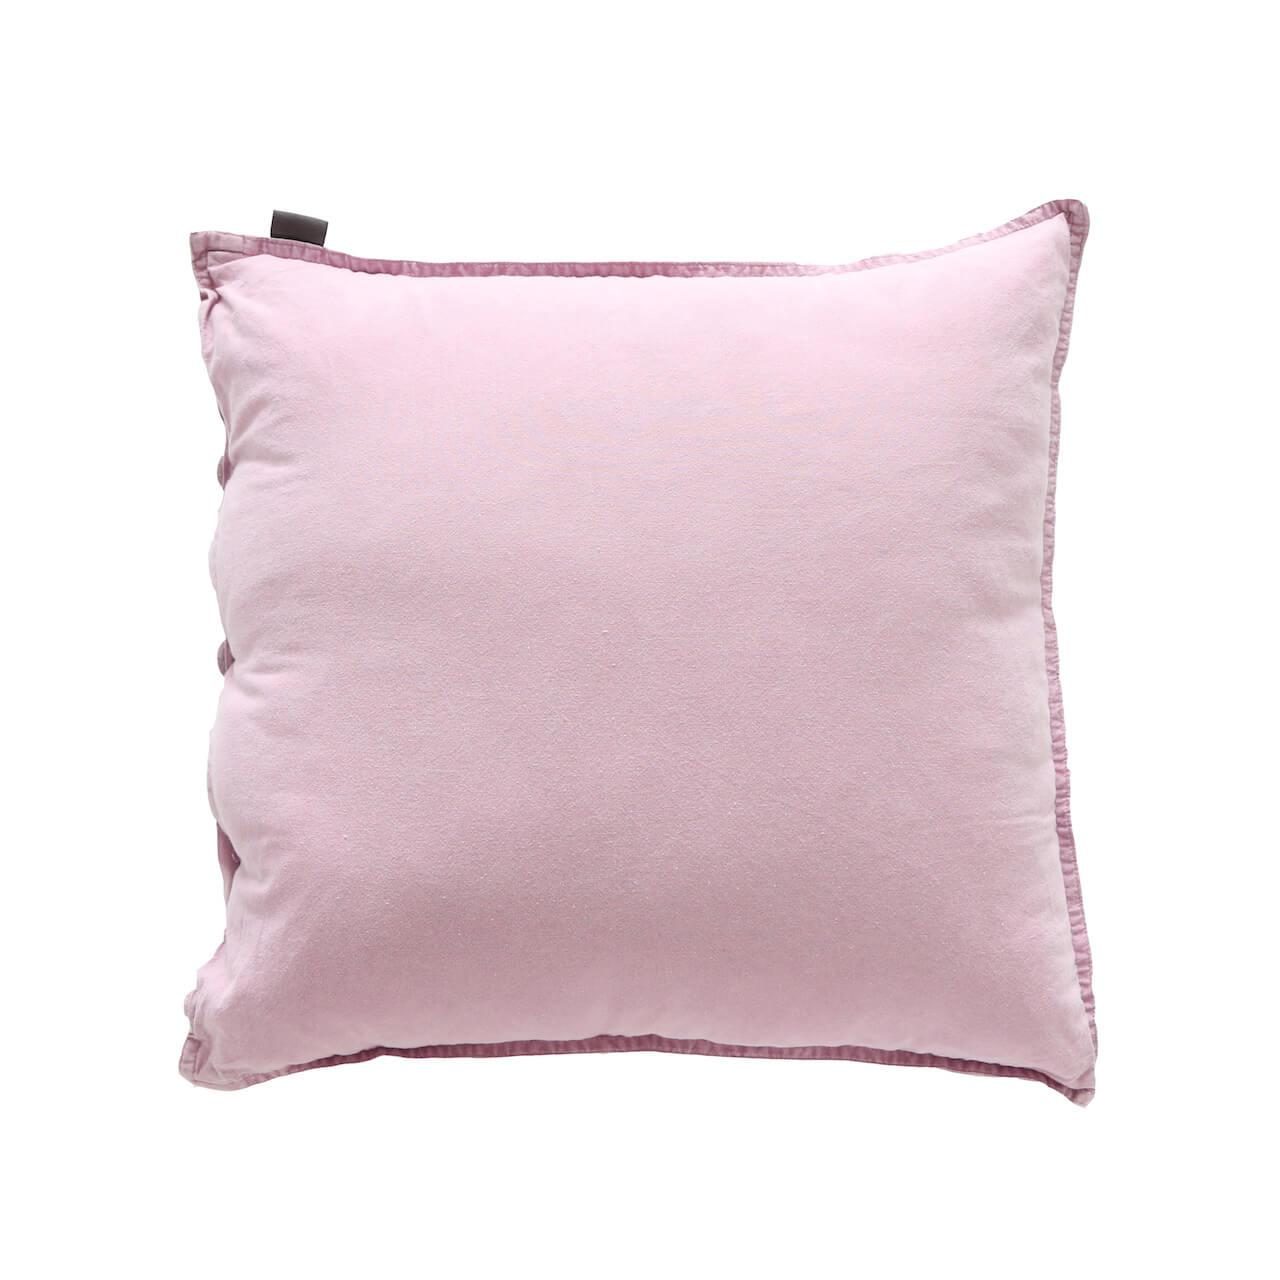 Kissenbezüge Vintage Washed Cotton Mit Knöpfen 2x 50x50 Cm Altrosa